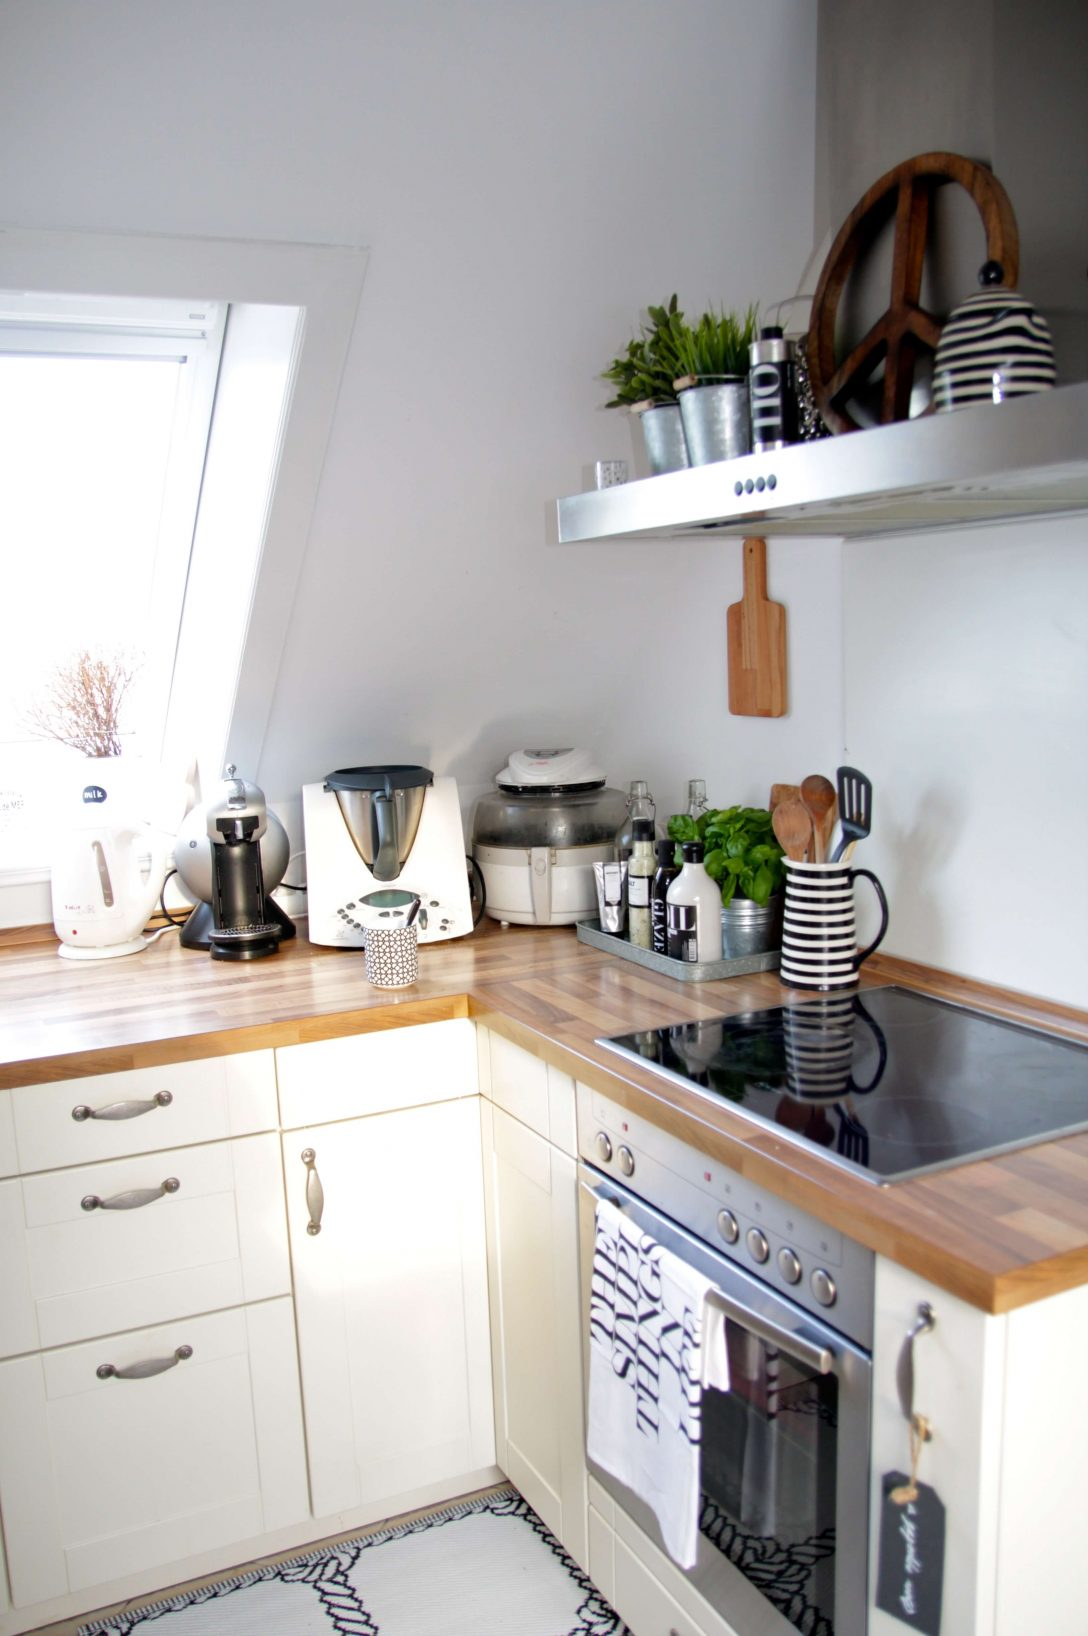 Large Size of Küche Einrichten Shabby Chic Küche Einrichten Landhausstil Wohnung Mit Offener Küche Einrichten Ideen Küche Einrichten Küche Küche Einrichten